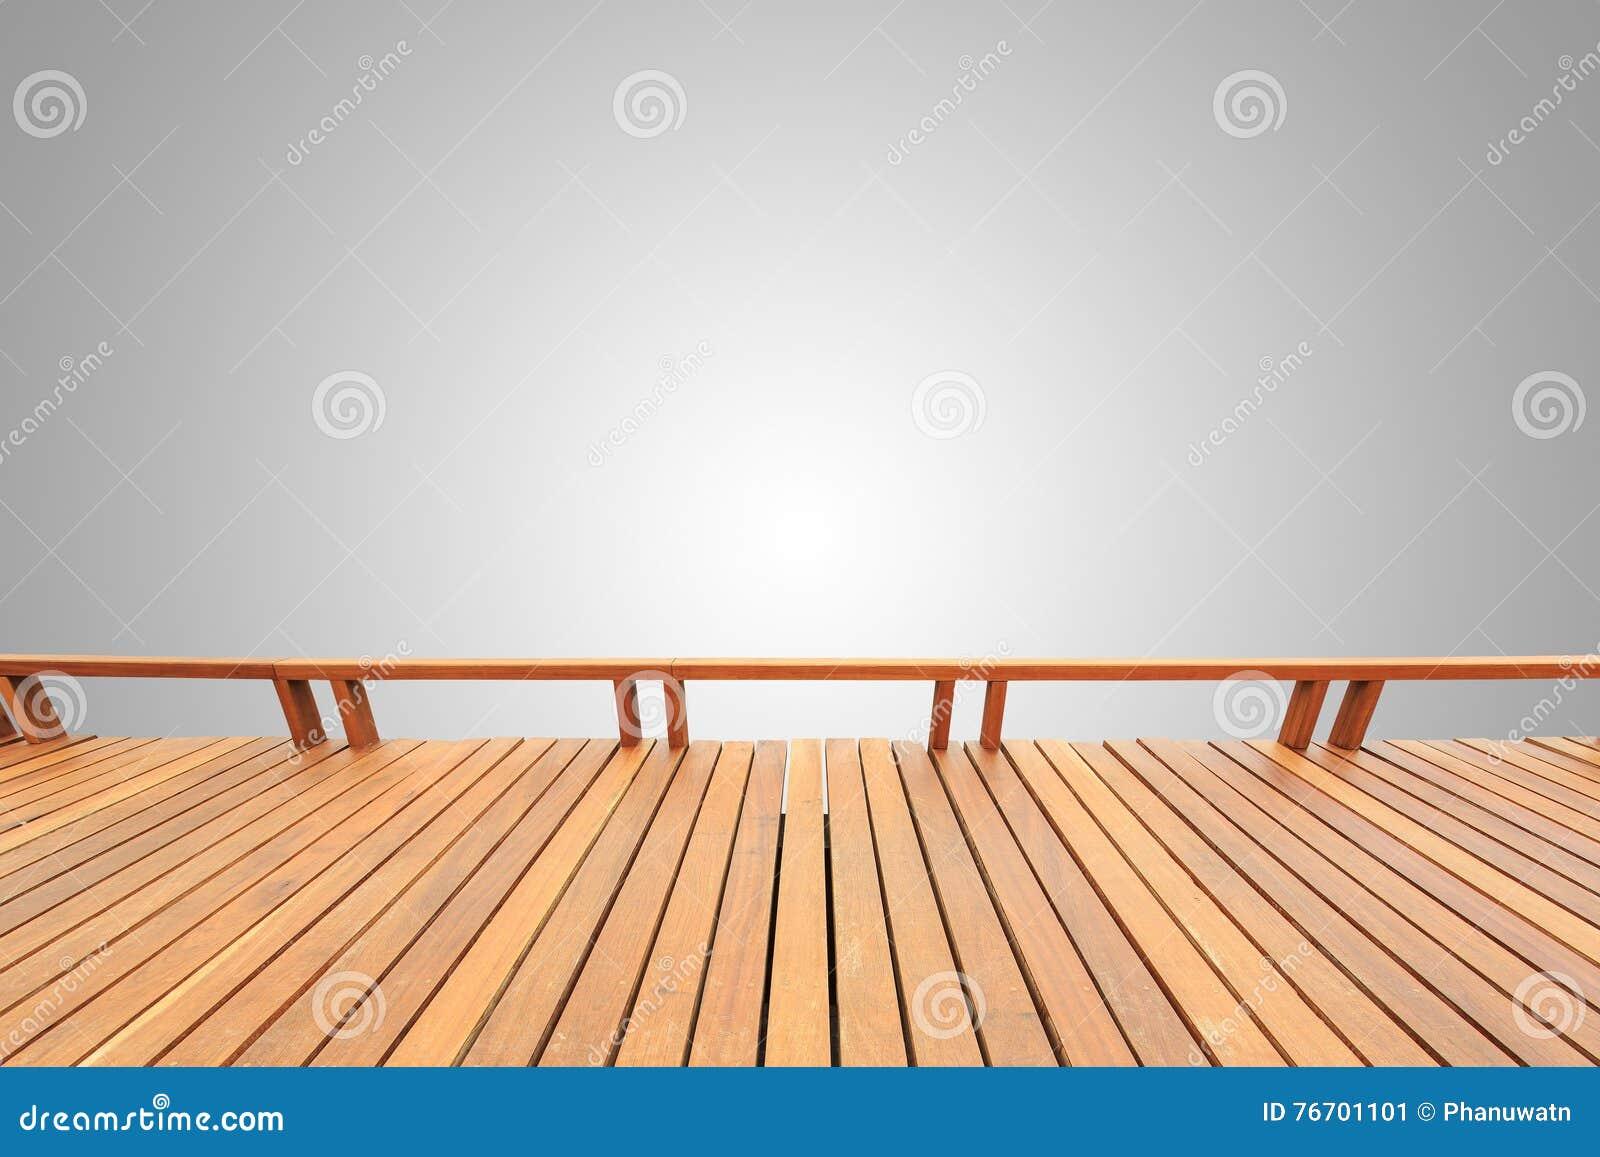 Träpryda eller däcka som isoleras på tomt grå färgutrymme för desi